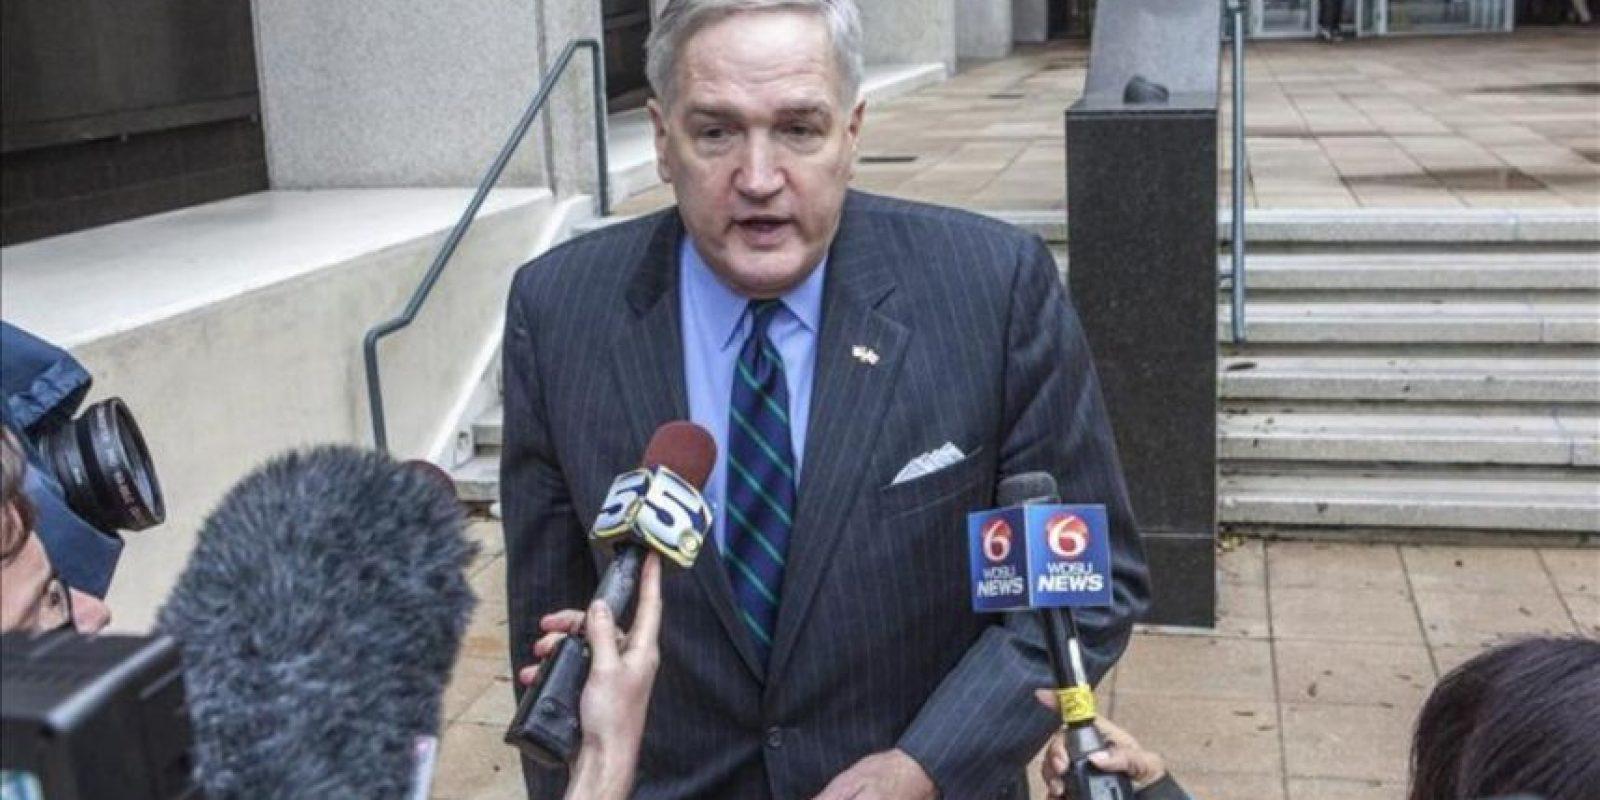 El Fiscal general del estado de Alabama, Luther Strange, habla con la prensa al salir de la Corte Federal del Distrito durante el juicio que se le sigue a la BP en el vertido masivo en el Golfo de México en 2010 tras la explosión de una plataforma petrolera, en Nueva Orleans, Luisiana (EEUU). EFE